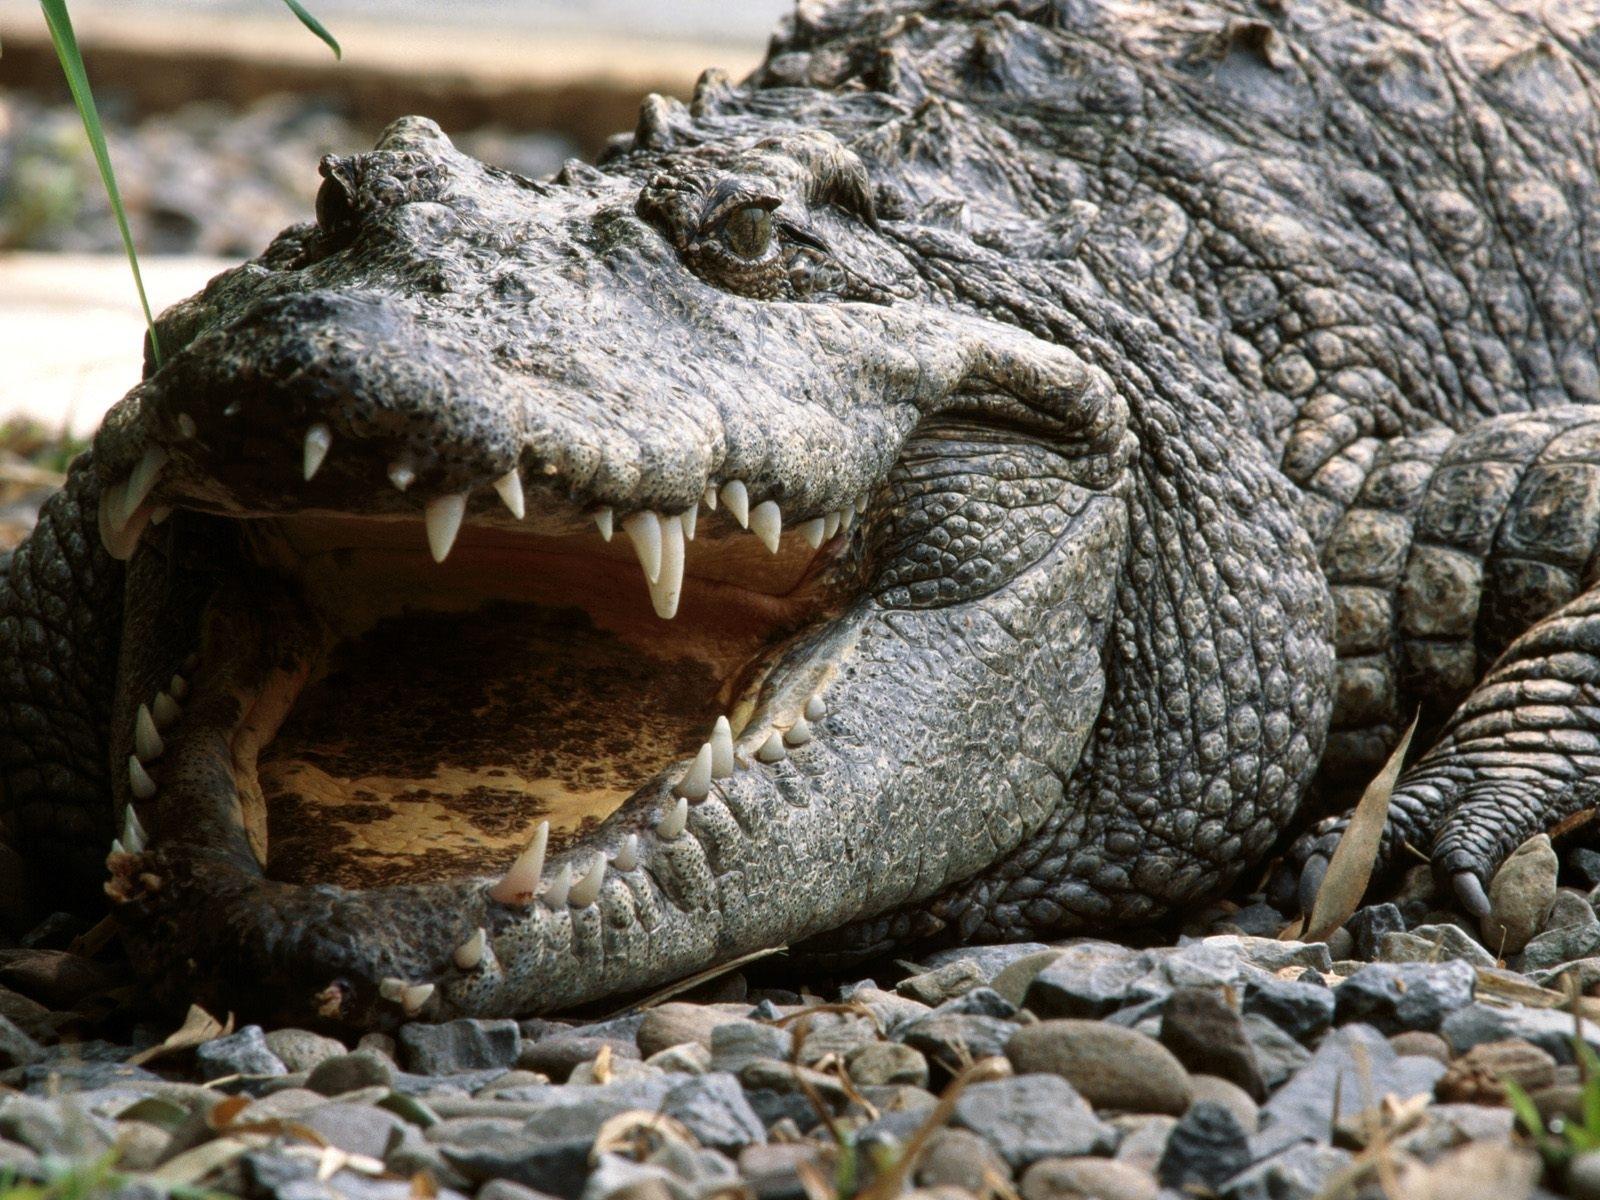 crocodile 1080p full